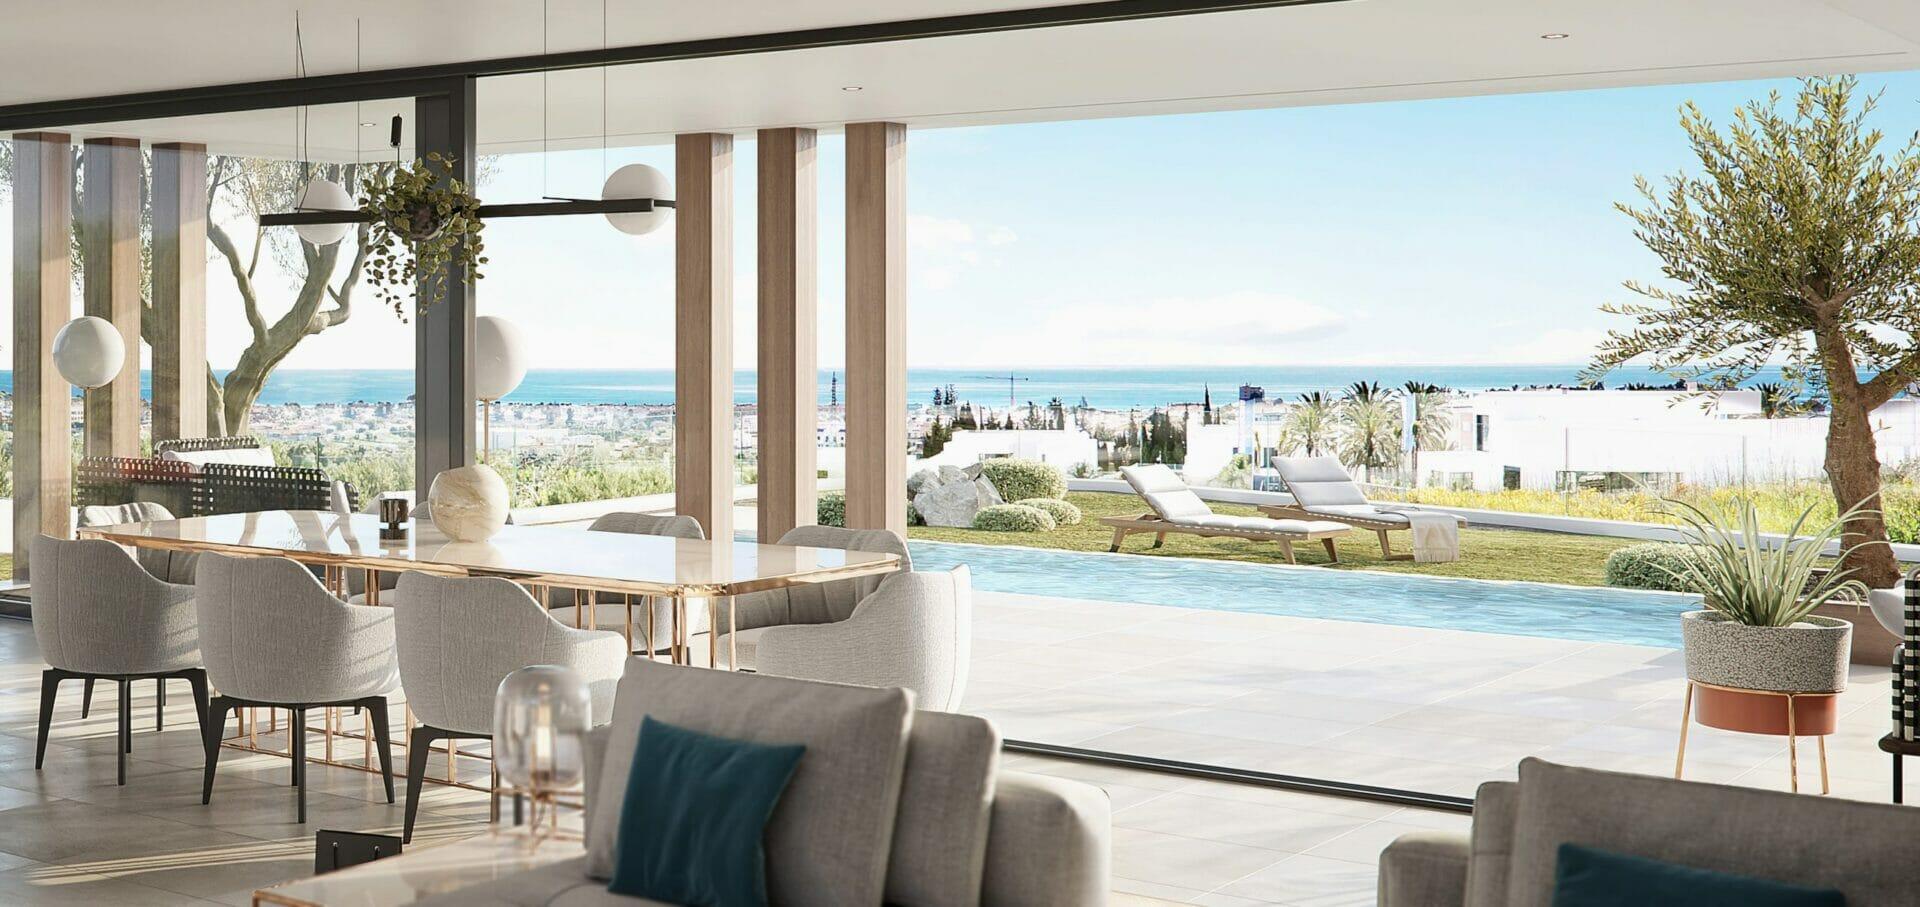 terras-villa-zicht-op-zwembad-en-zee